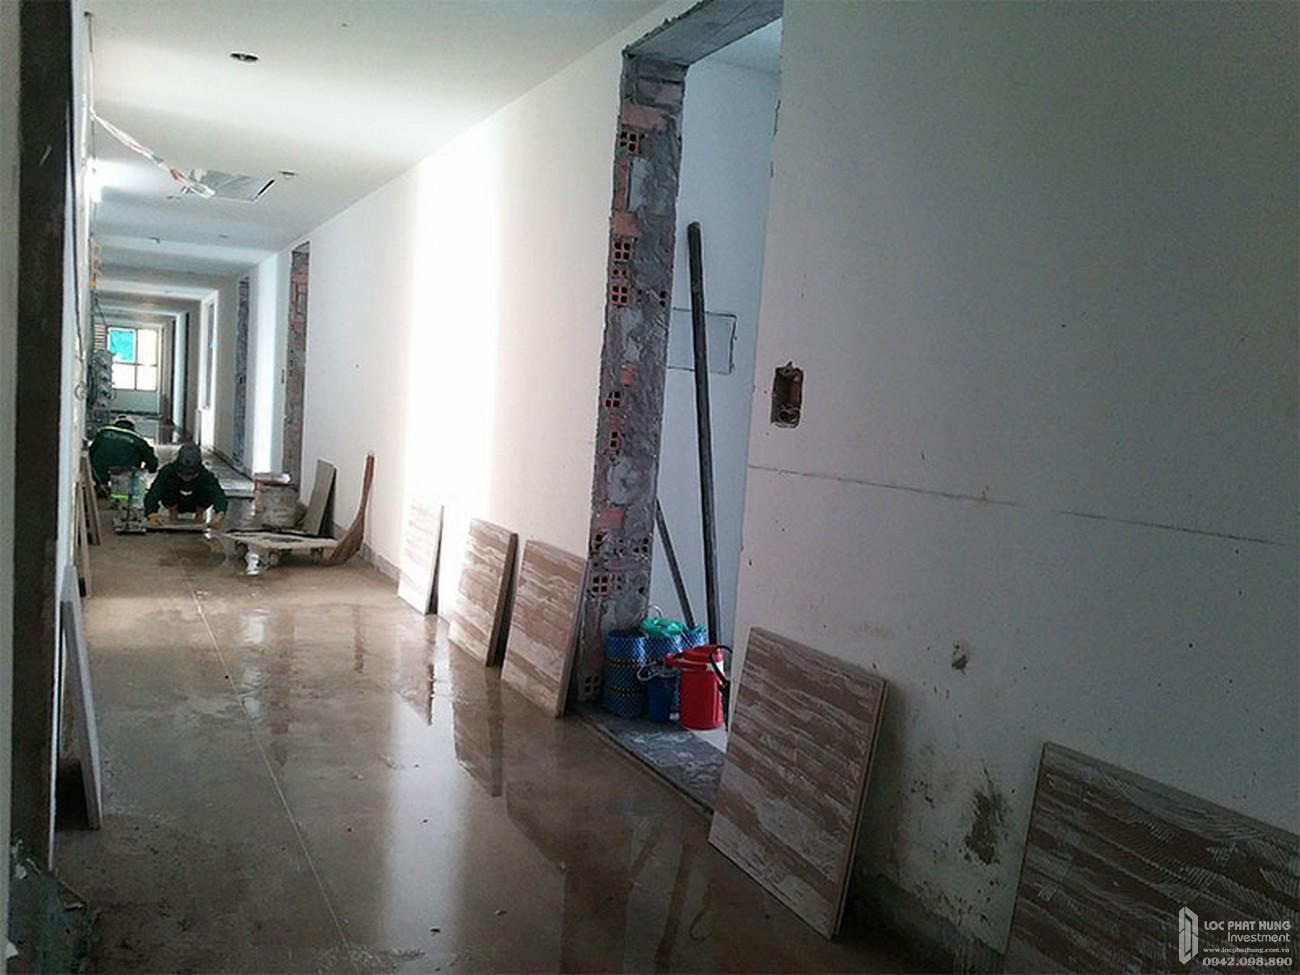 Ốp lát gạch hành lang tầng 5 dự án căn hộ chung cư River Panorama Quận 7 tháng 02/2020